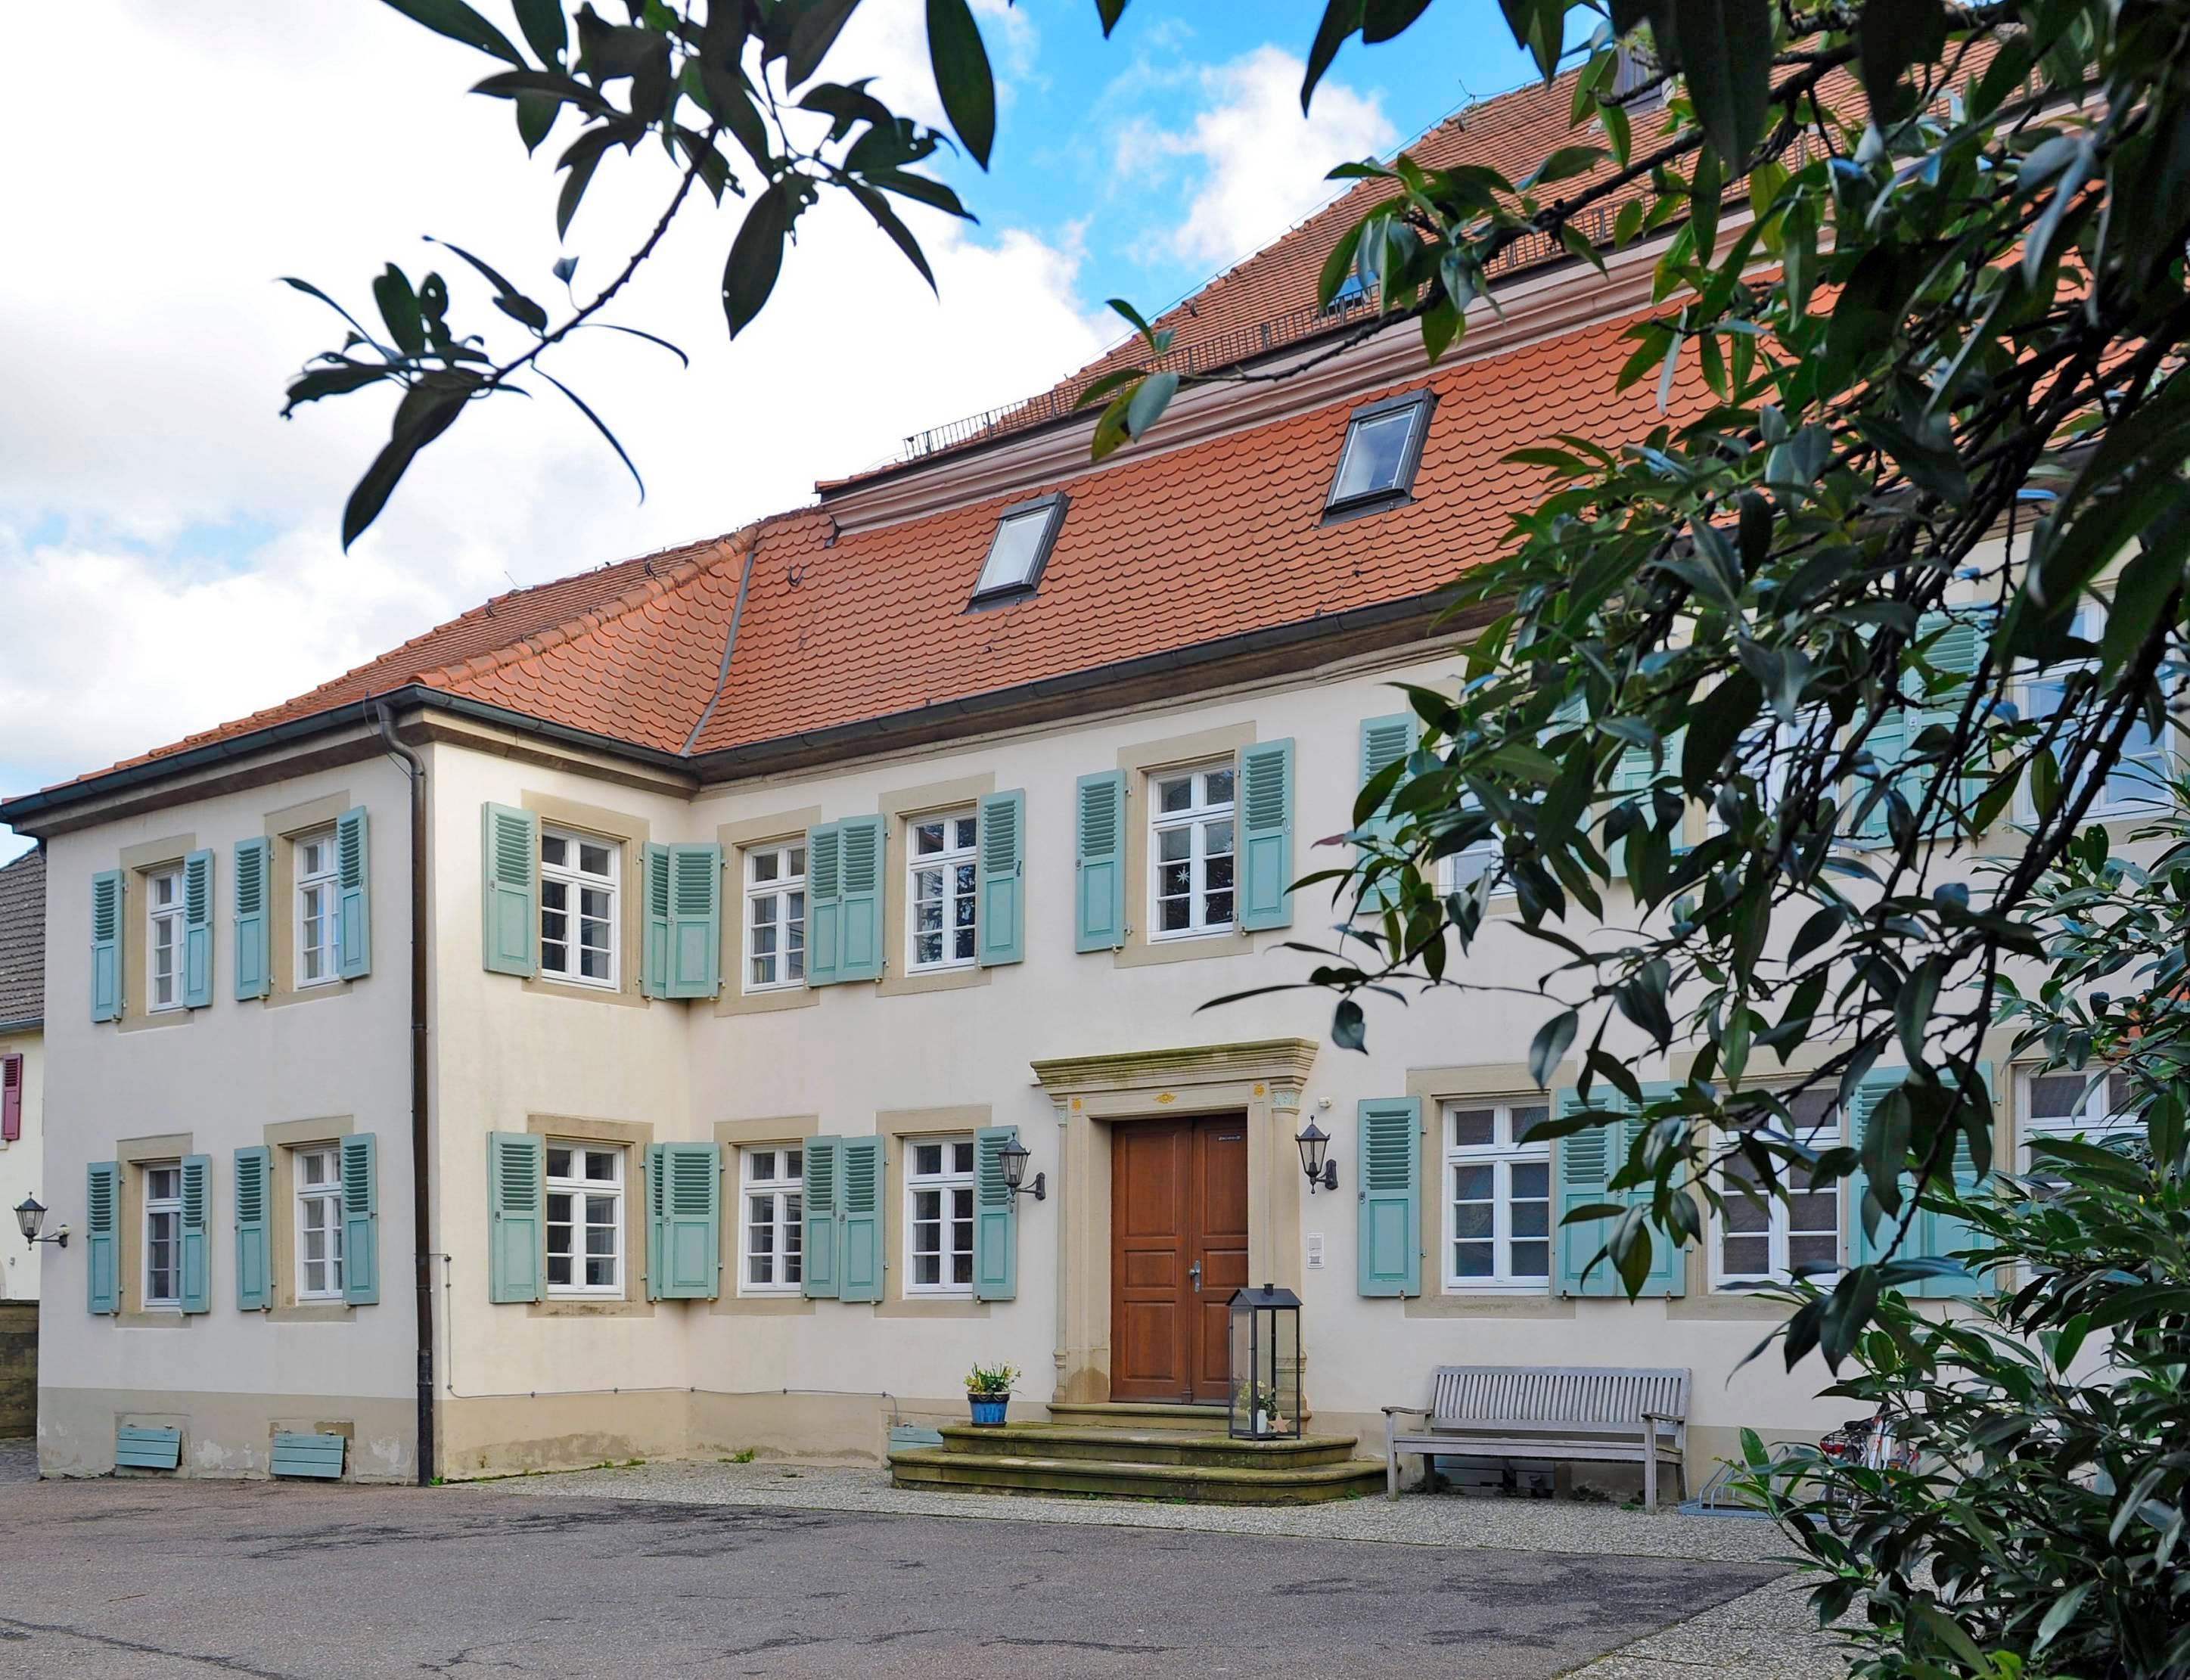 Die Grafen von Wiser – jahrhundertelang die Ortsherren – ließen den Hirschhorner Hof im 18. Jahrhundert zum standesgemäßen Schloss umbauen. Foto: Archiv/Mugler